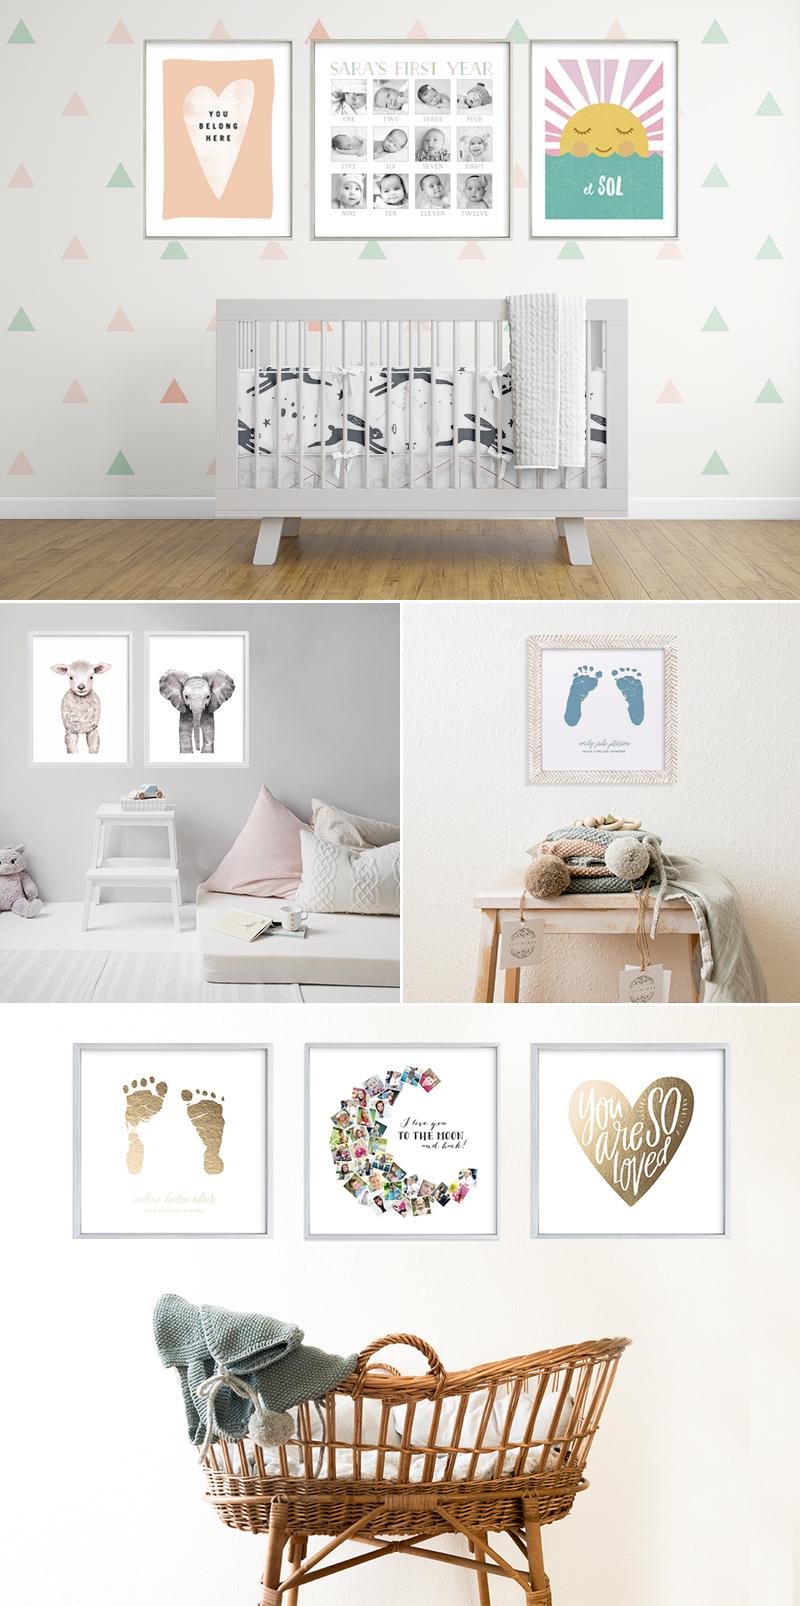 2019年嬰兒房佈置指南 6個寶寶房間設計流行趨勢 Praise Wed 國際時尚婚創雜誌